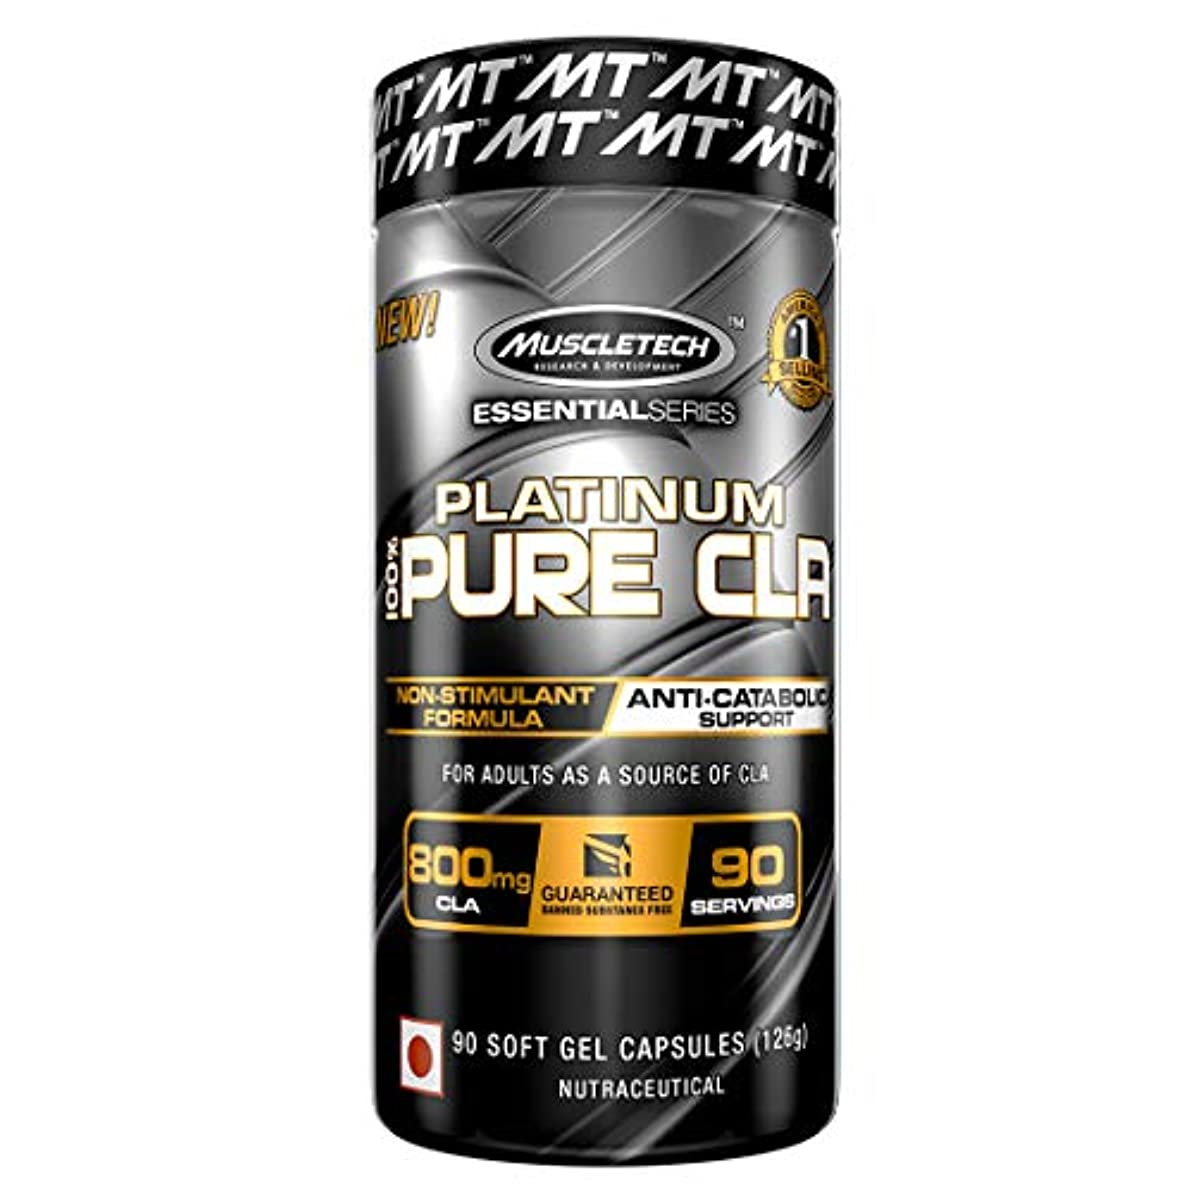 Muscletech プラチナムピュアCLA 90カプセル (Platinum Pure CLA, 90 Soft Gel Caps)